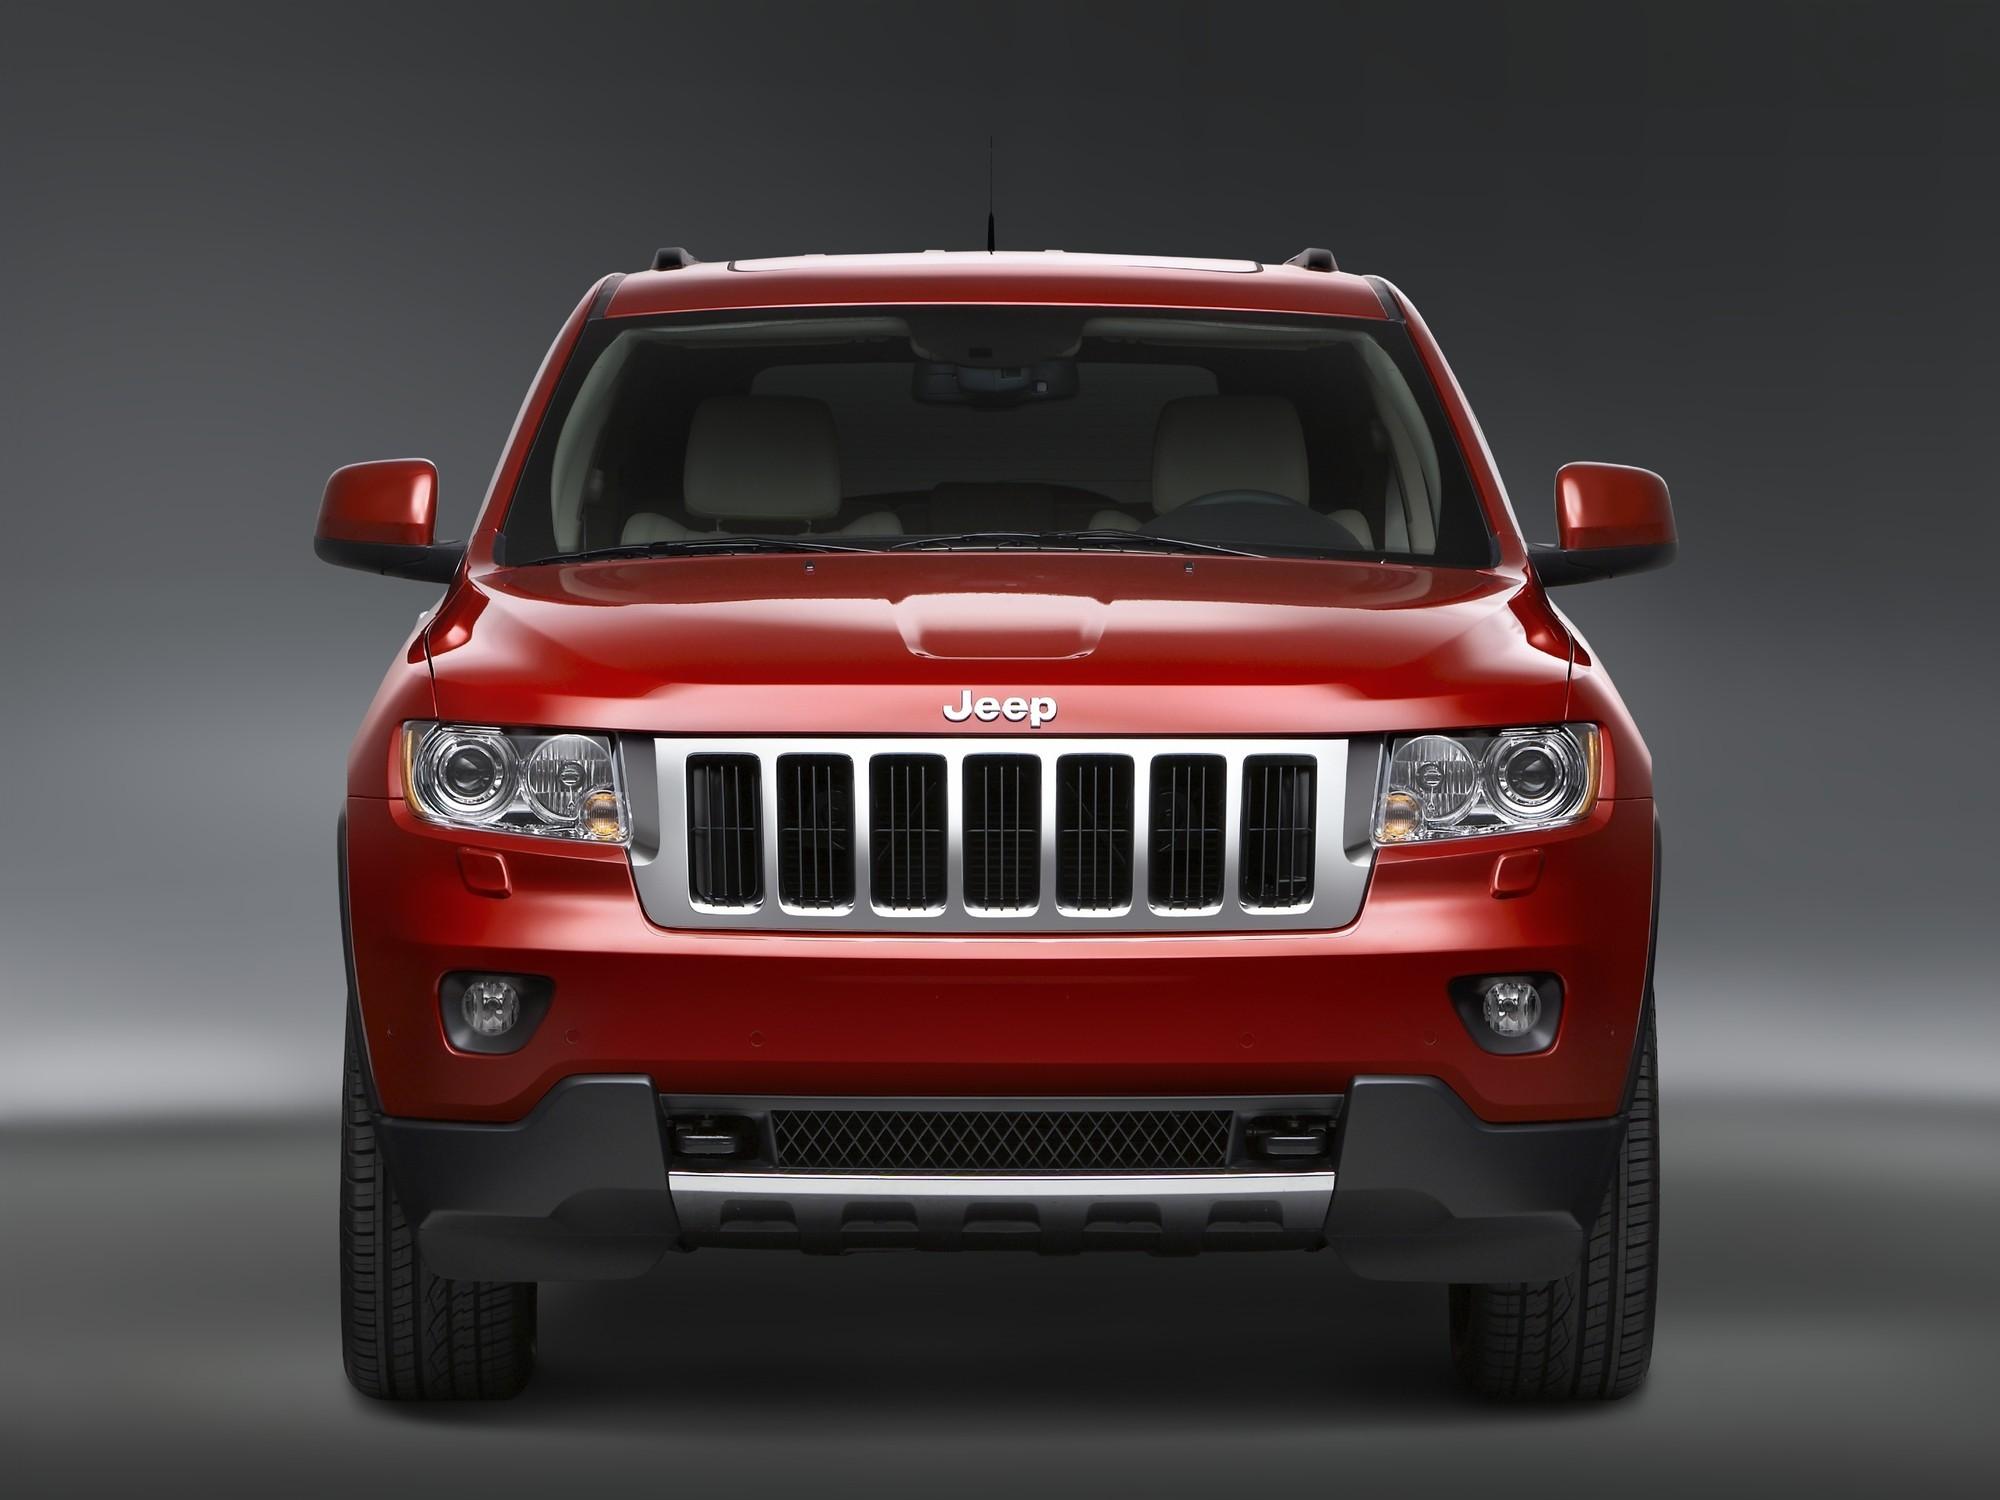 Ошибка на ошибке: в России опять отзывают глохнущие Jeep Grand Cherokee